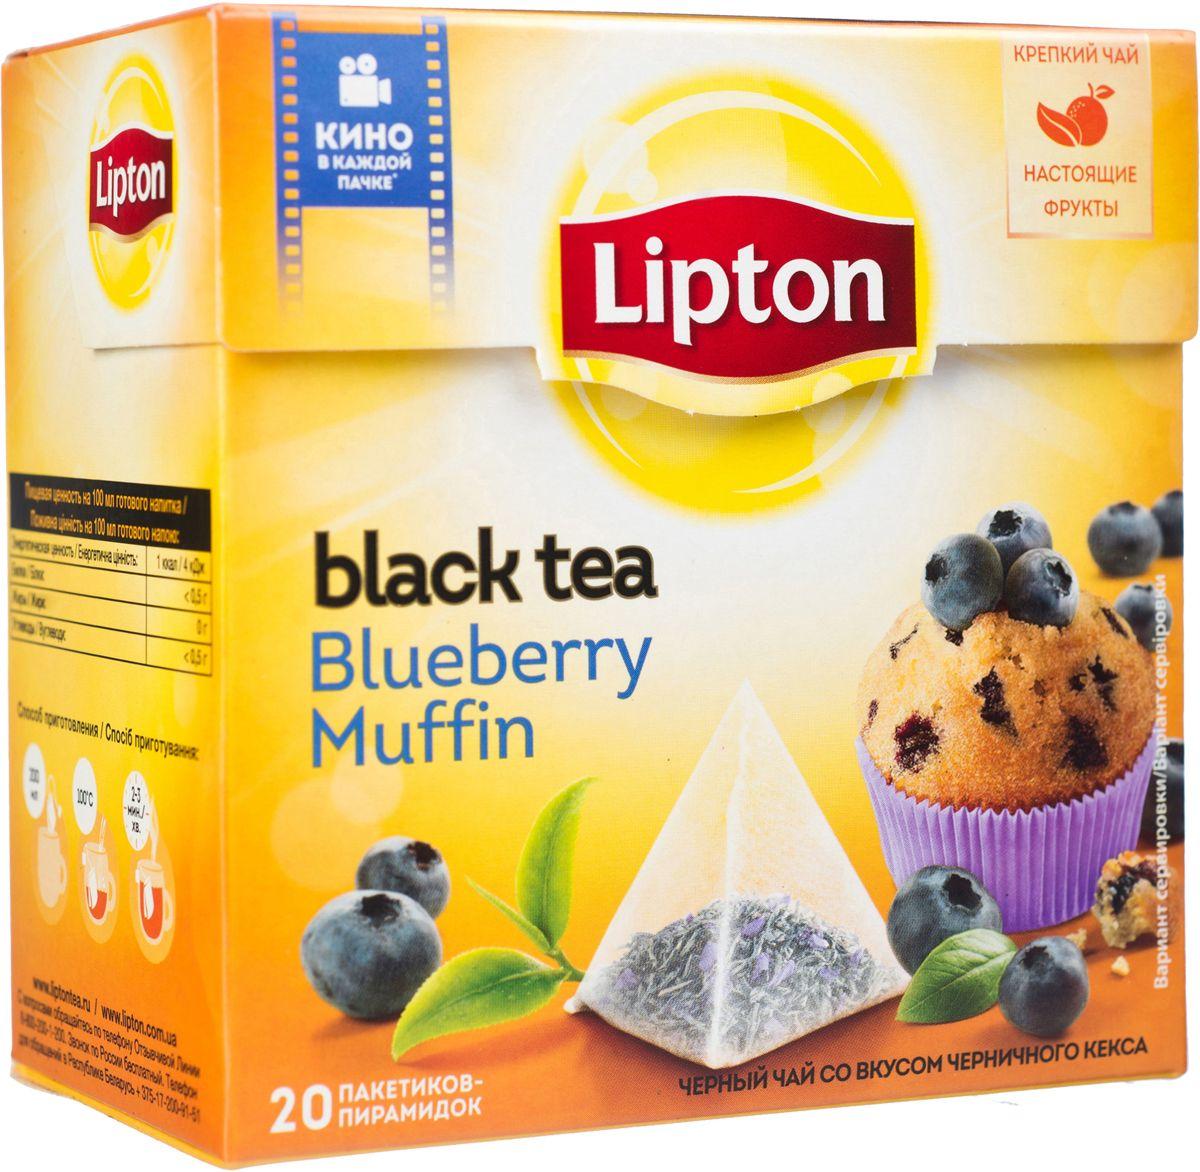 Lipton Черный чай Blueberry Muffin 20 шт67010109/21187914/65421722Что выбрать на десерт? Конечно, ягодное угощение! Кусочки спелой черники вместе с отборными листочками черного чая соединяются в зажигательном танце внутри просторного пакетика пирамидки чая Lipton Blueberry Muffin, раскрывая аппетитный вкус и притягательный аромат восхитительного черничного кекса. Отличный выбор для вкусного удовольствия!